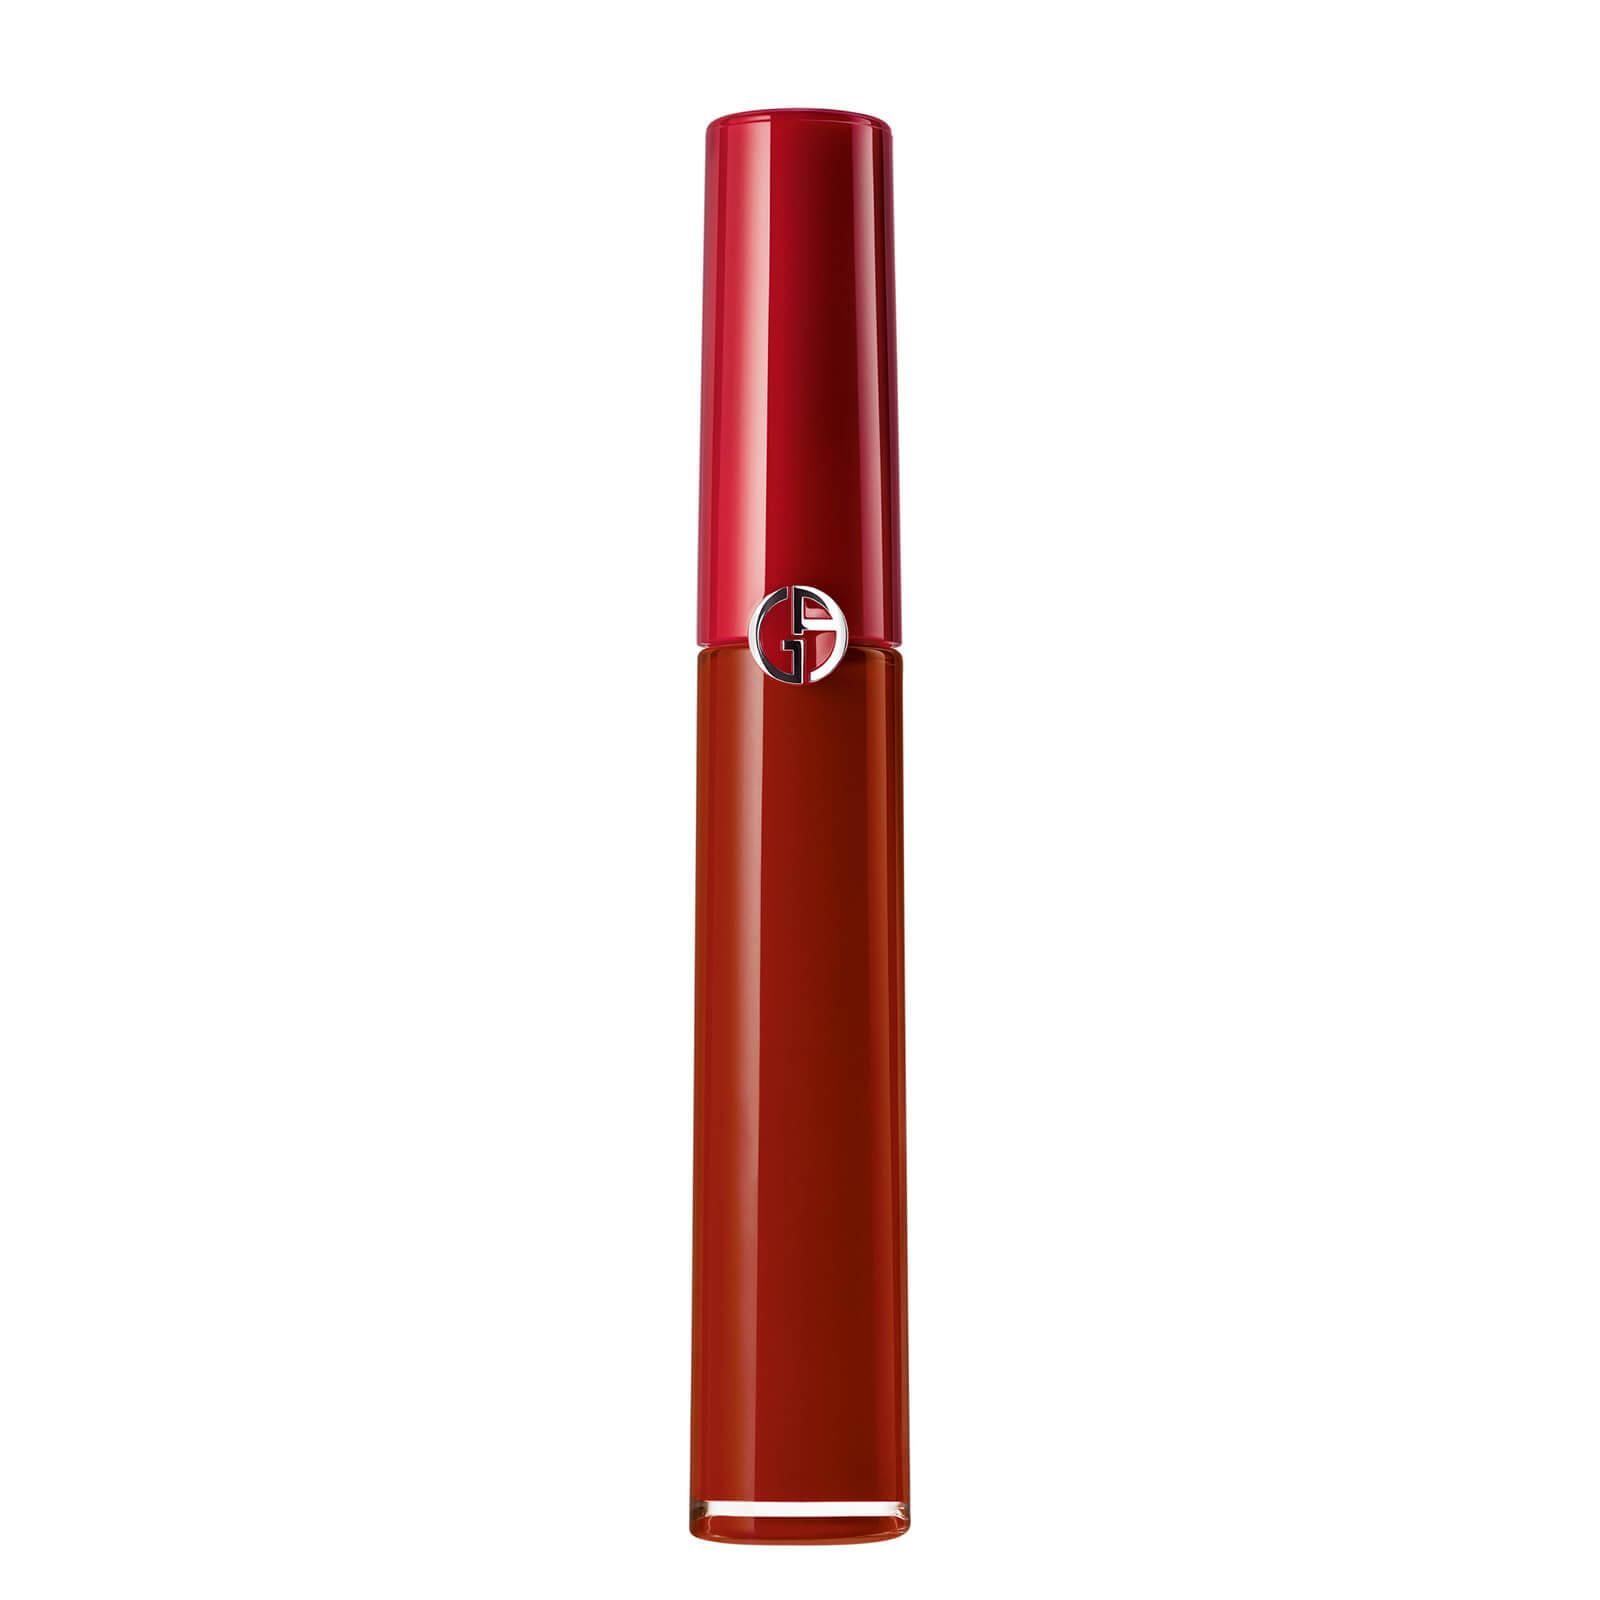 Armani 阿玛尼红管唇釉